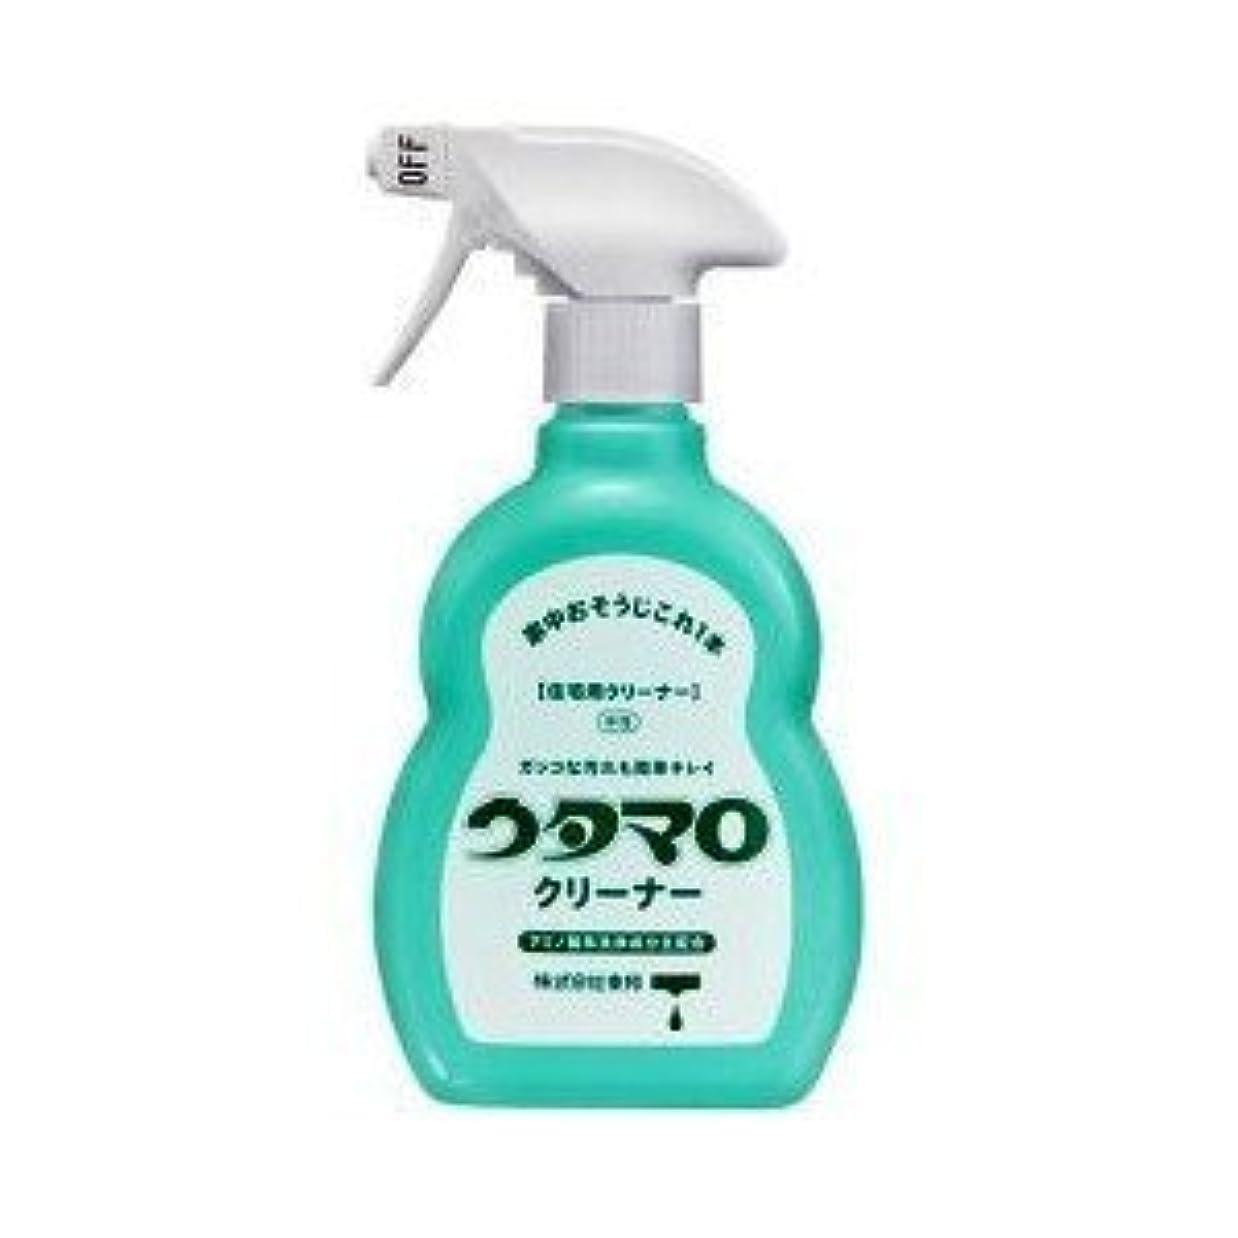 アートトラブル独立してウタマロ クリーナー 400ml 洗剤 住居用 アミノ酸系洗浄成分主配合 さわやかなグリーンハーブの香り